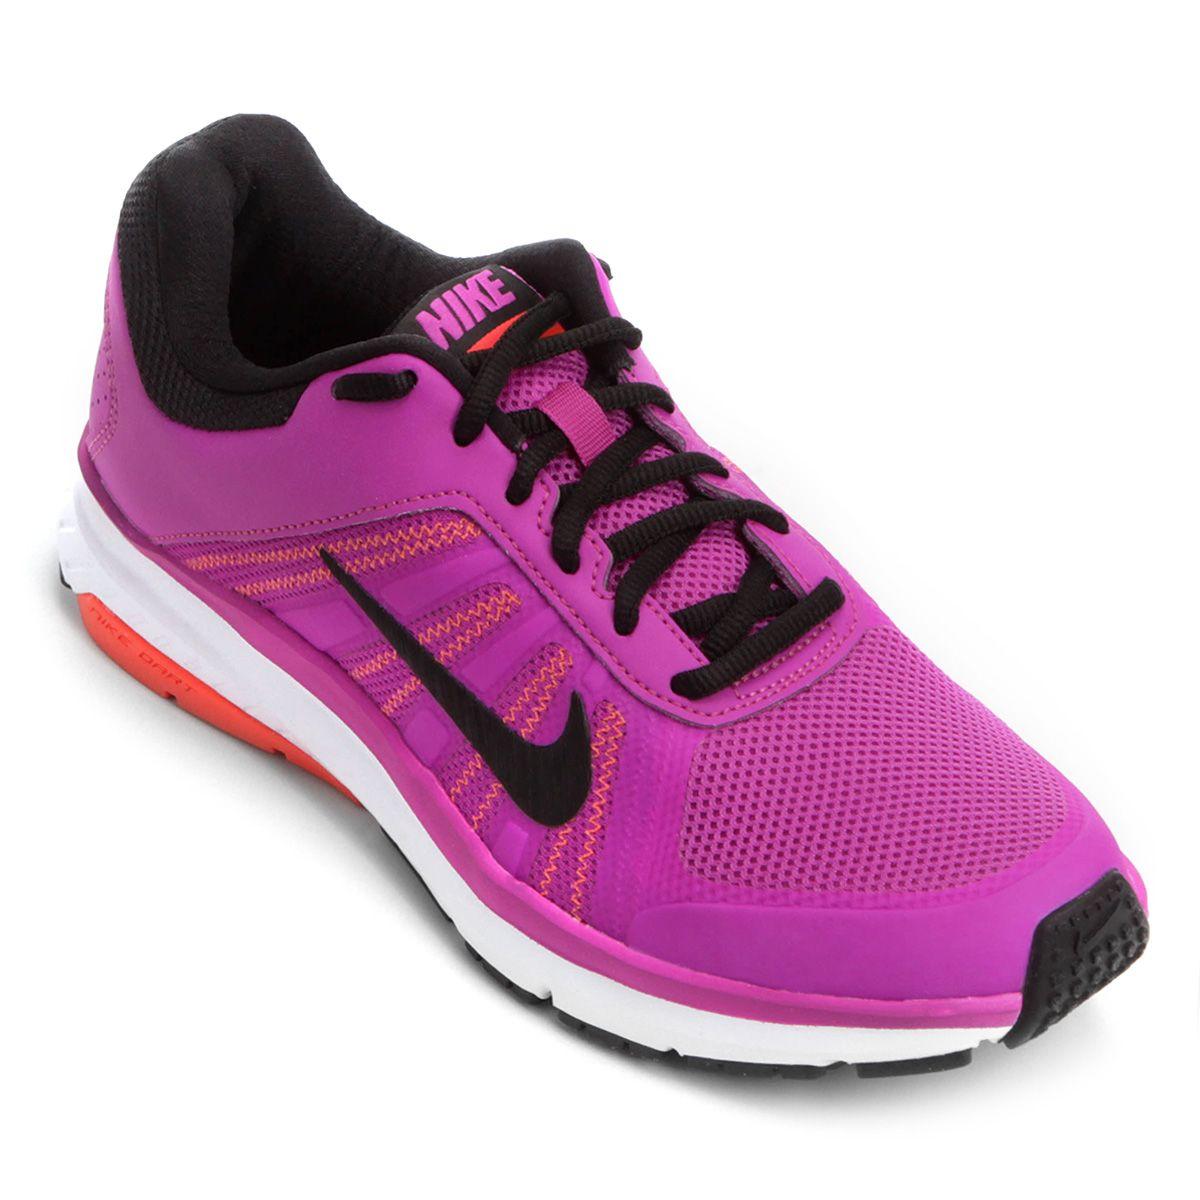 ecda581eafa Tênis Nike Dart 12 MSL Feminino - Violeta e Branco